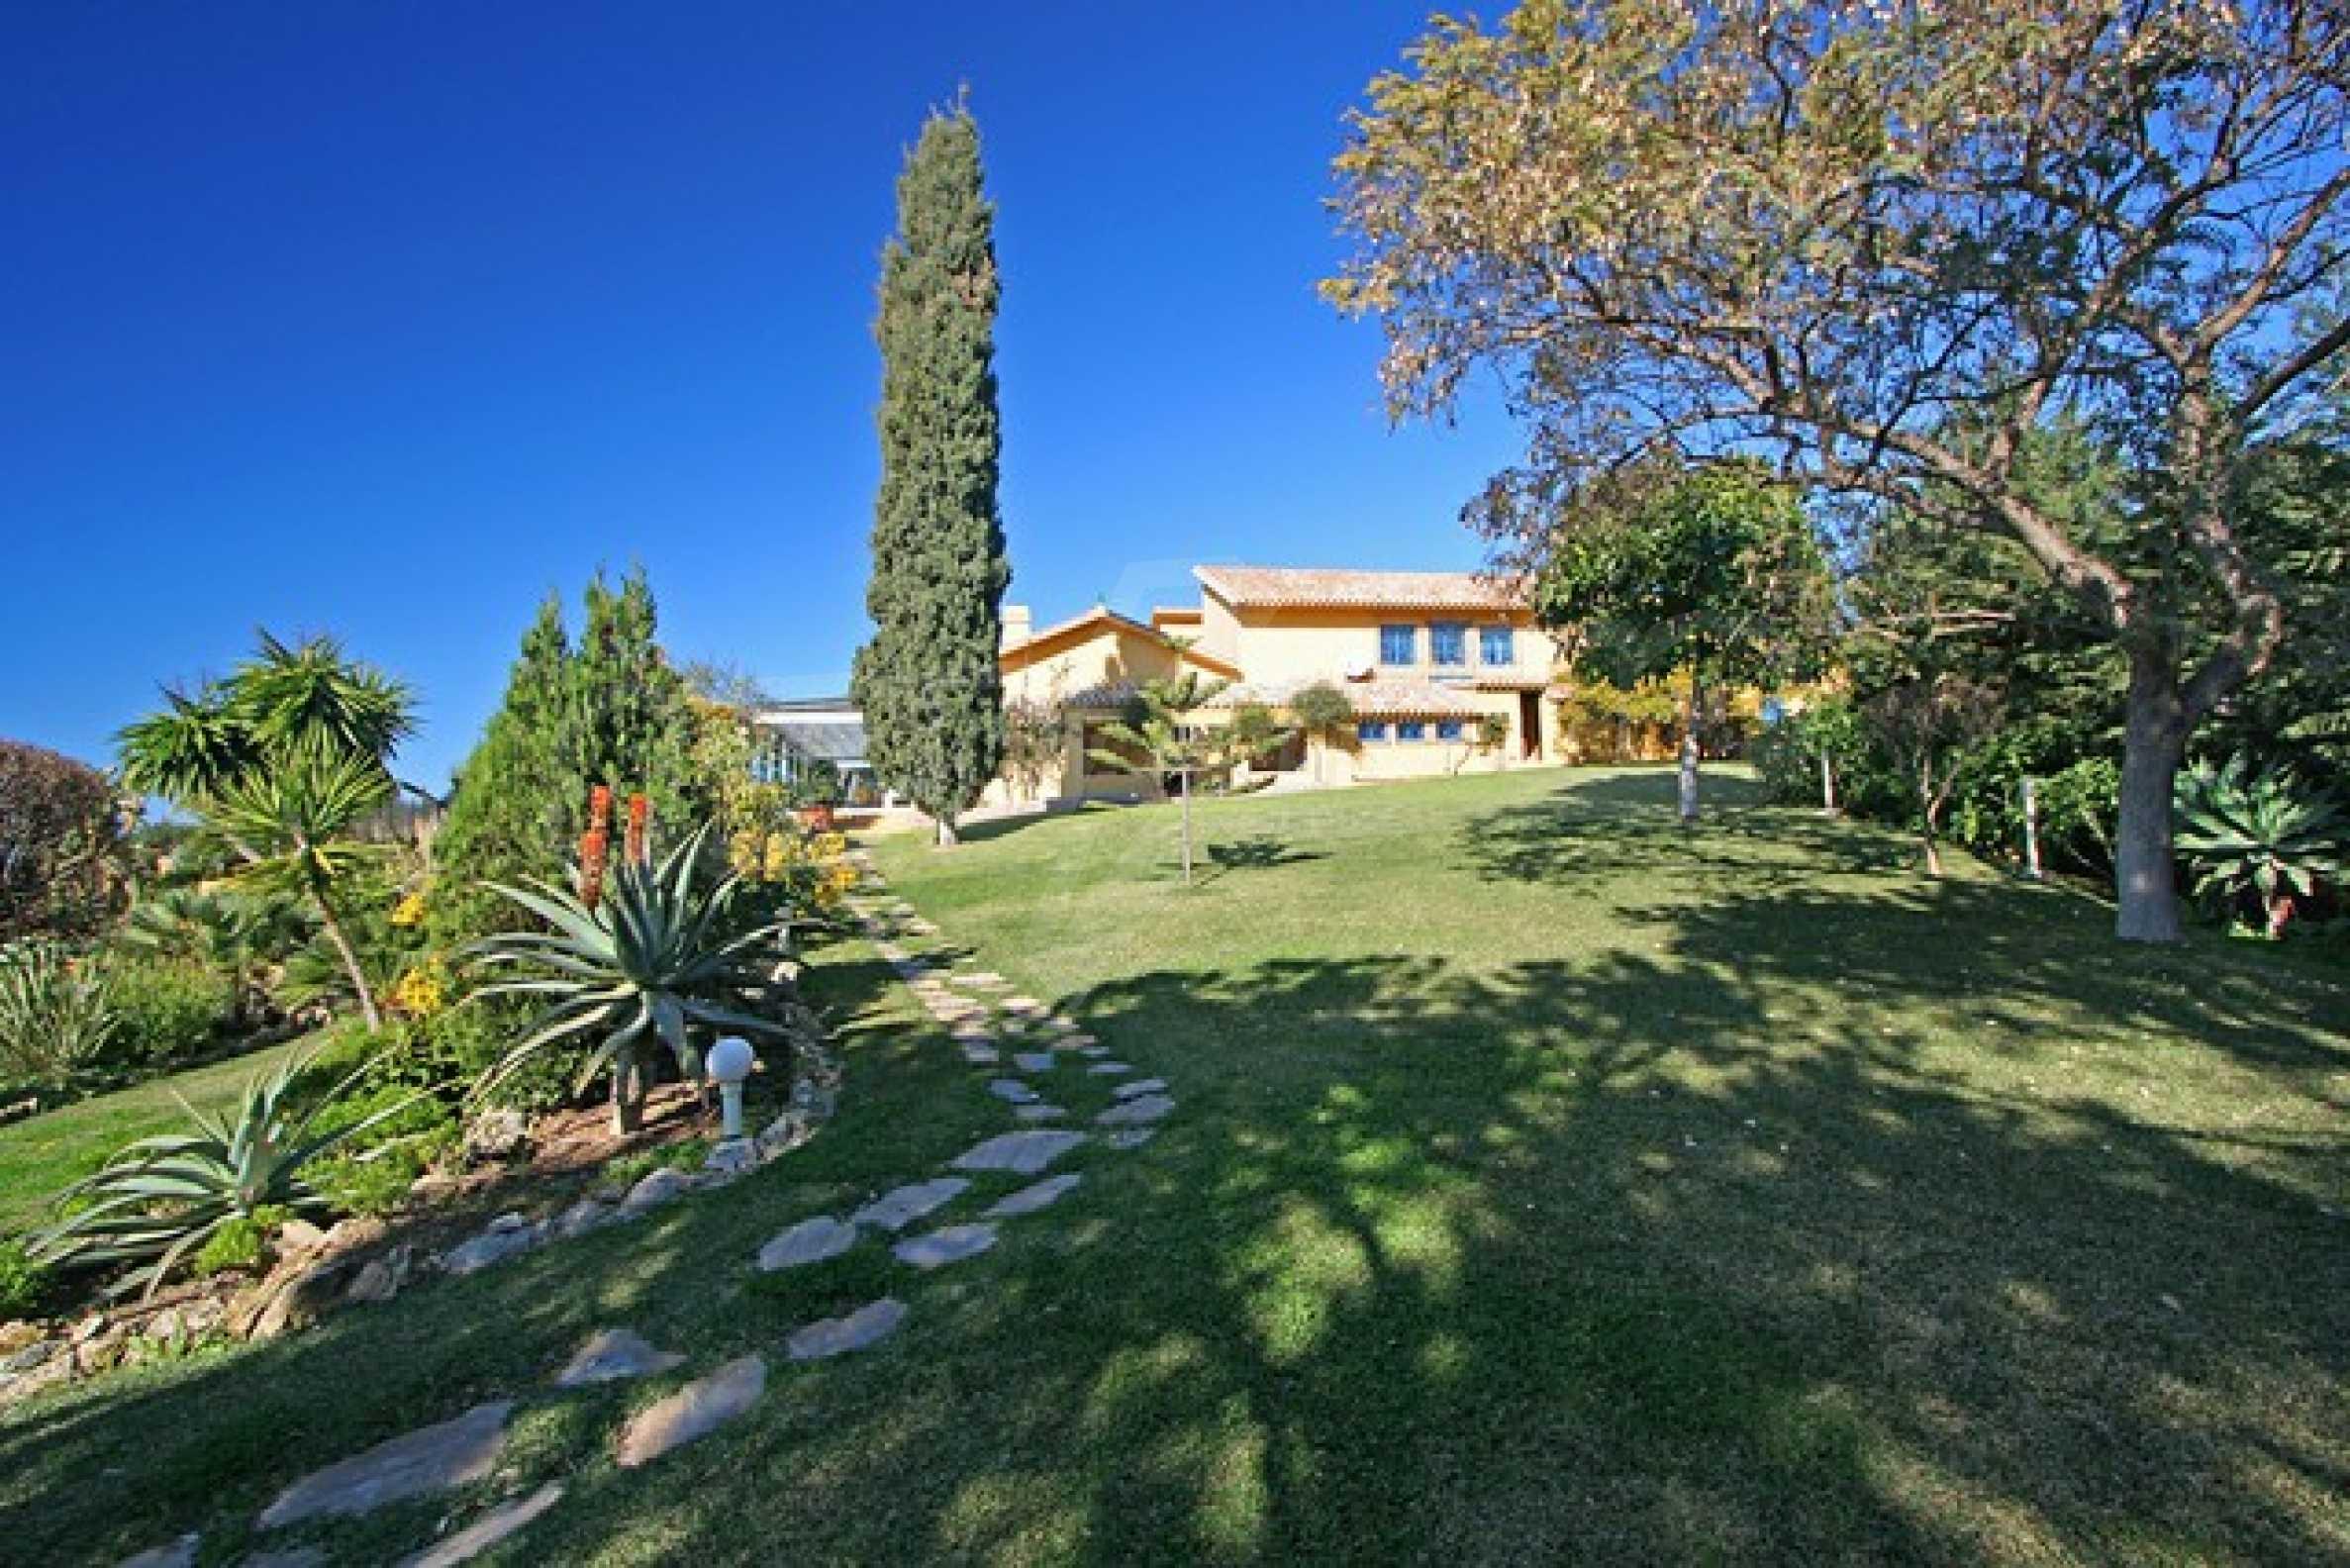 Къща в испански стил 1